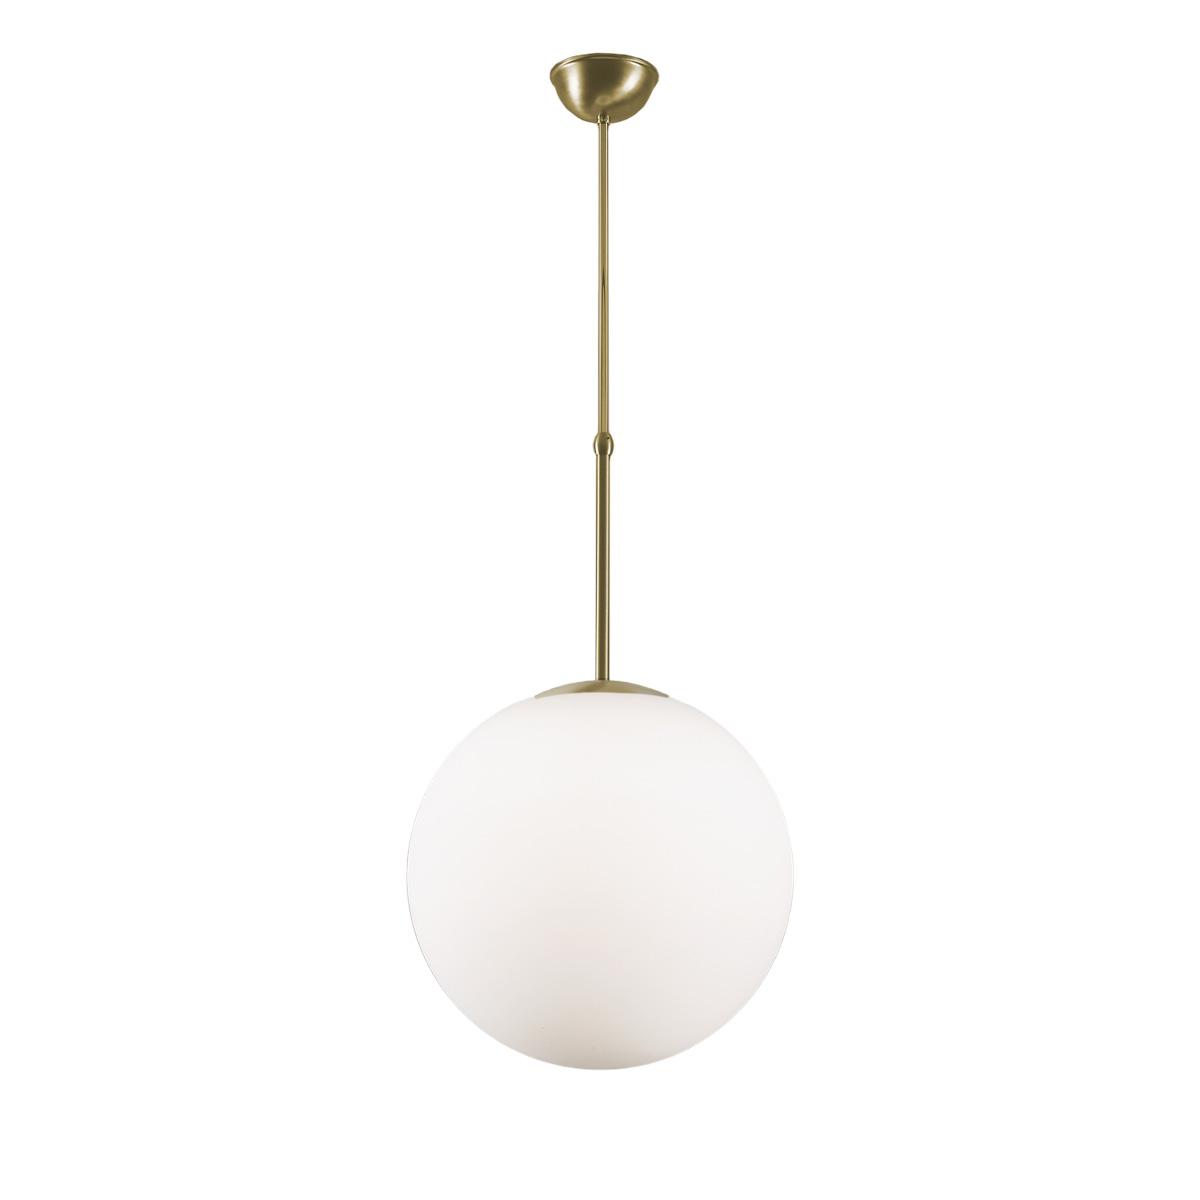 Φωτιστικό μπάλα ΜΠΑΛΕΣ ball-shaped light fixture